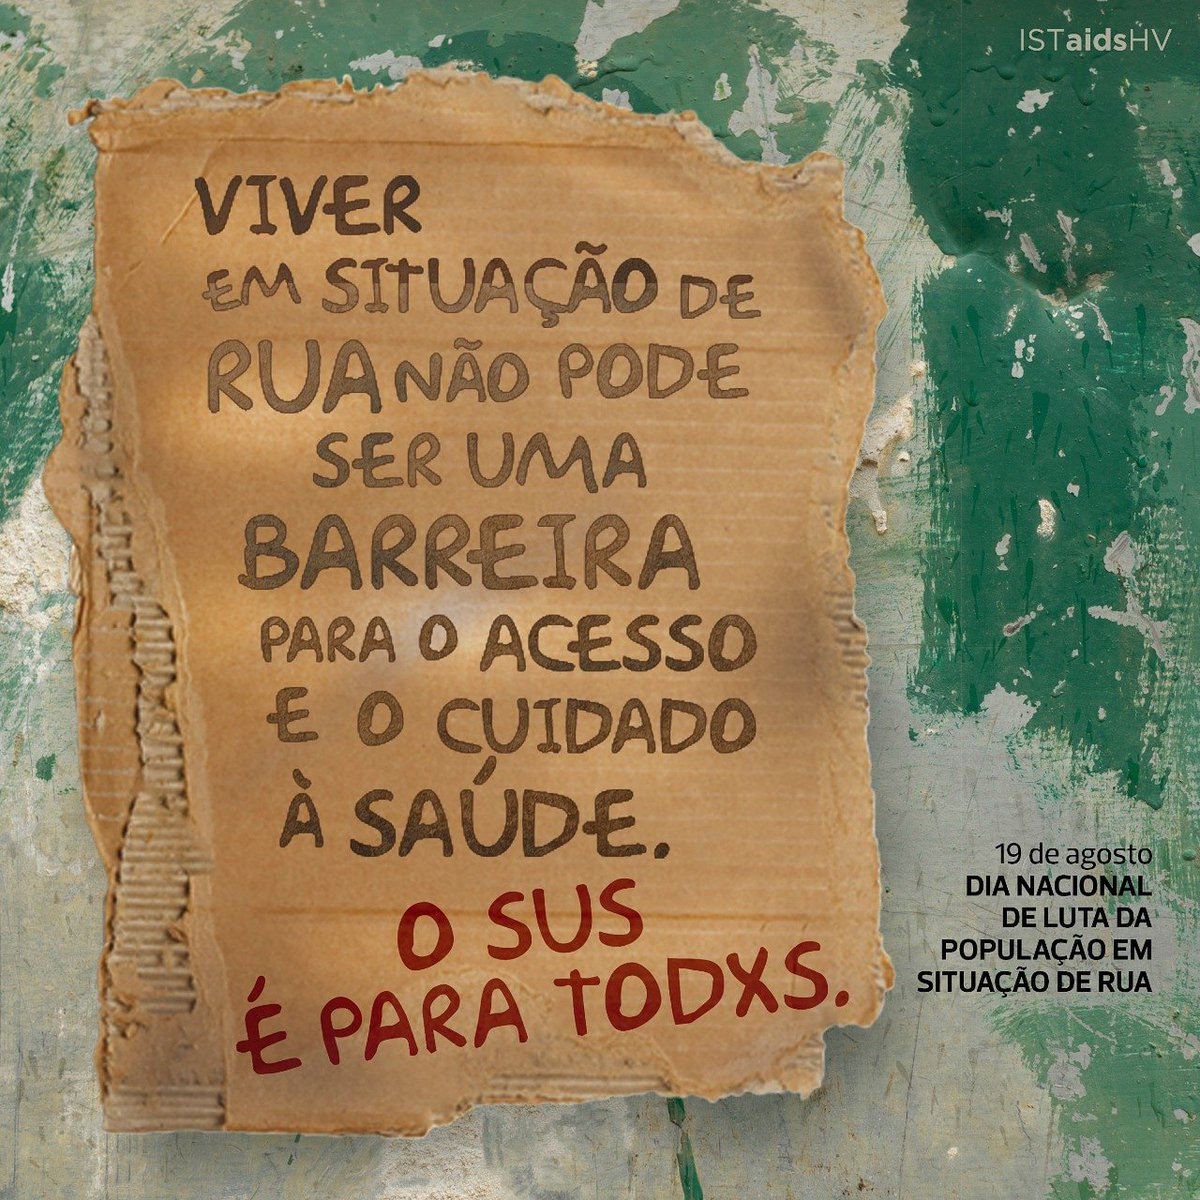 ... Das IST E Das Hepatites Virais é Um Direto. O #SUS é Para Todxs. Saiba  Mais Em Http://bit.ly/2nNeuFI #ConsultórionaRua #PopulaçãodeRua ...